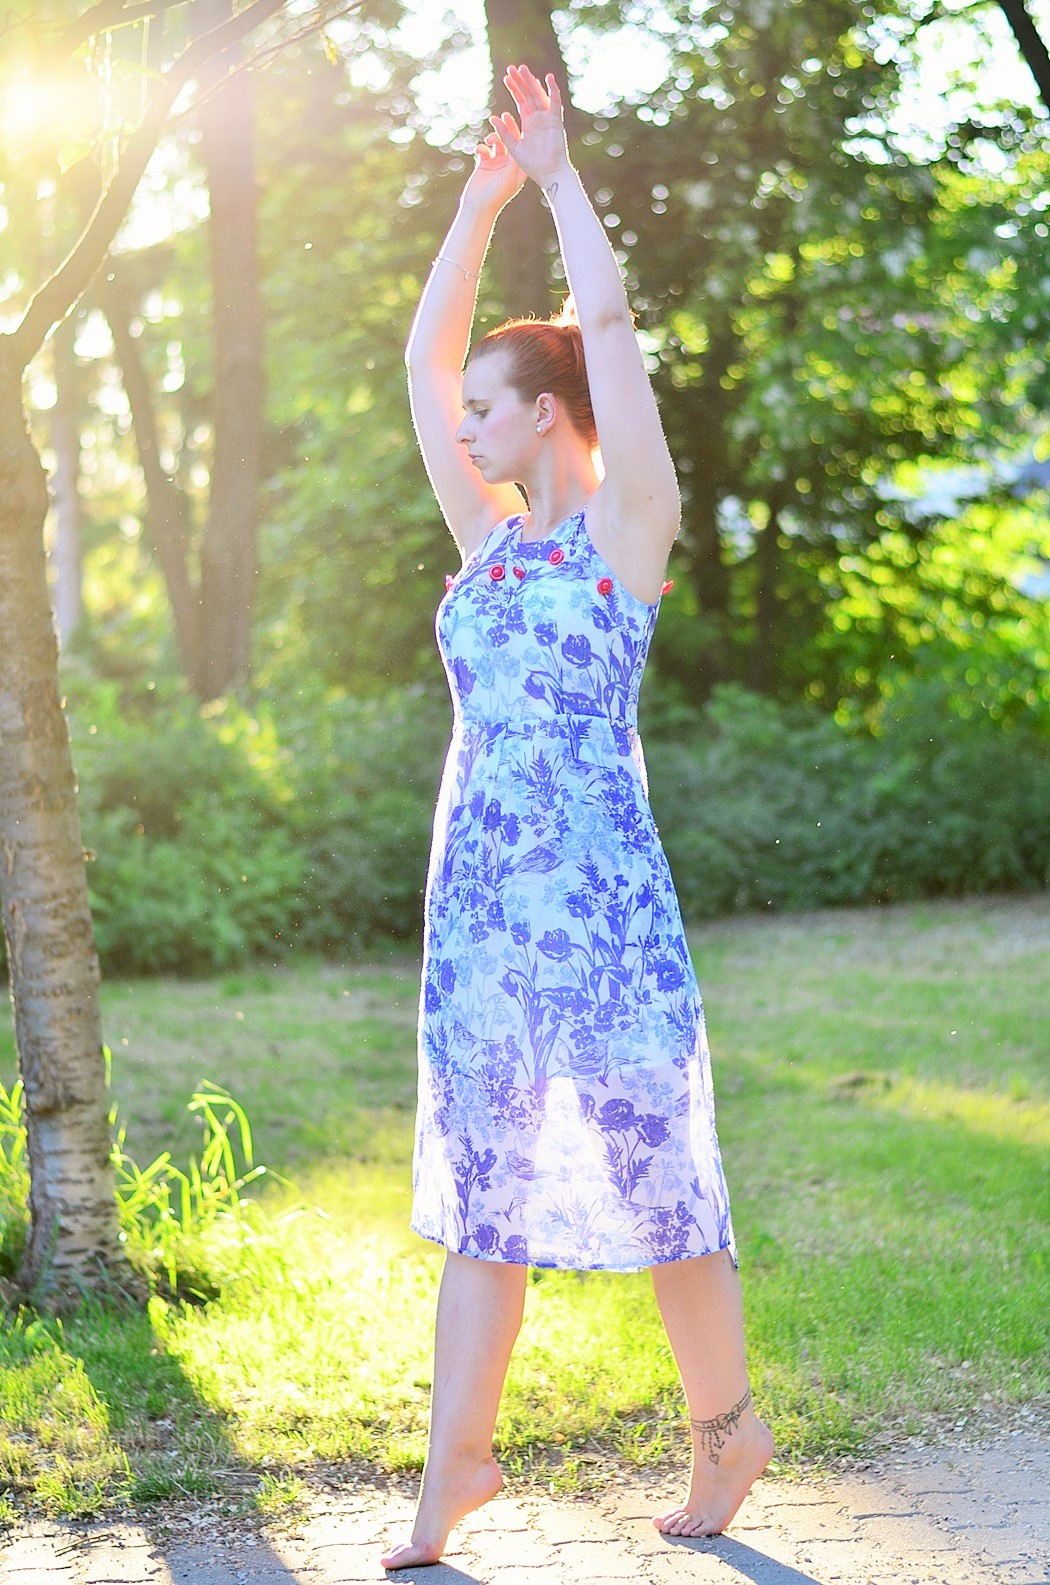 Alice's Pig-Kleid-Maxikleid_Alices Pig_Kleid von Alice's Pig-blaues Maxikleid-Gegenlicht Fotografie-Sonnenuntergang-Natur-barfuß-Annanikabu-1 (4)